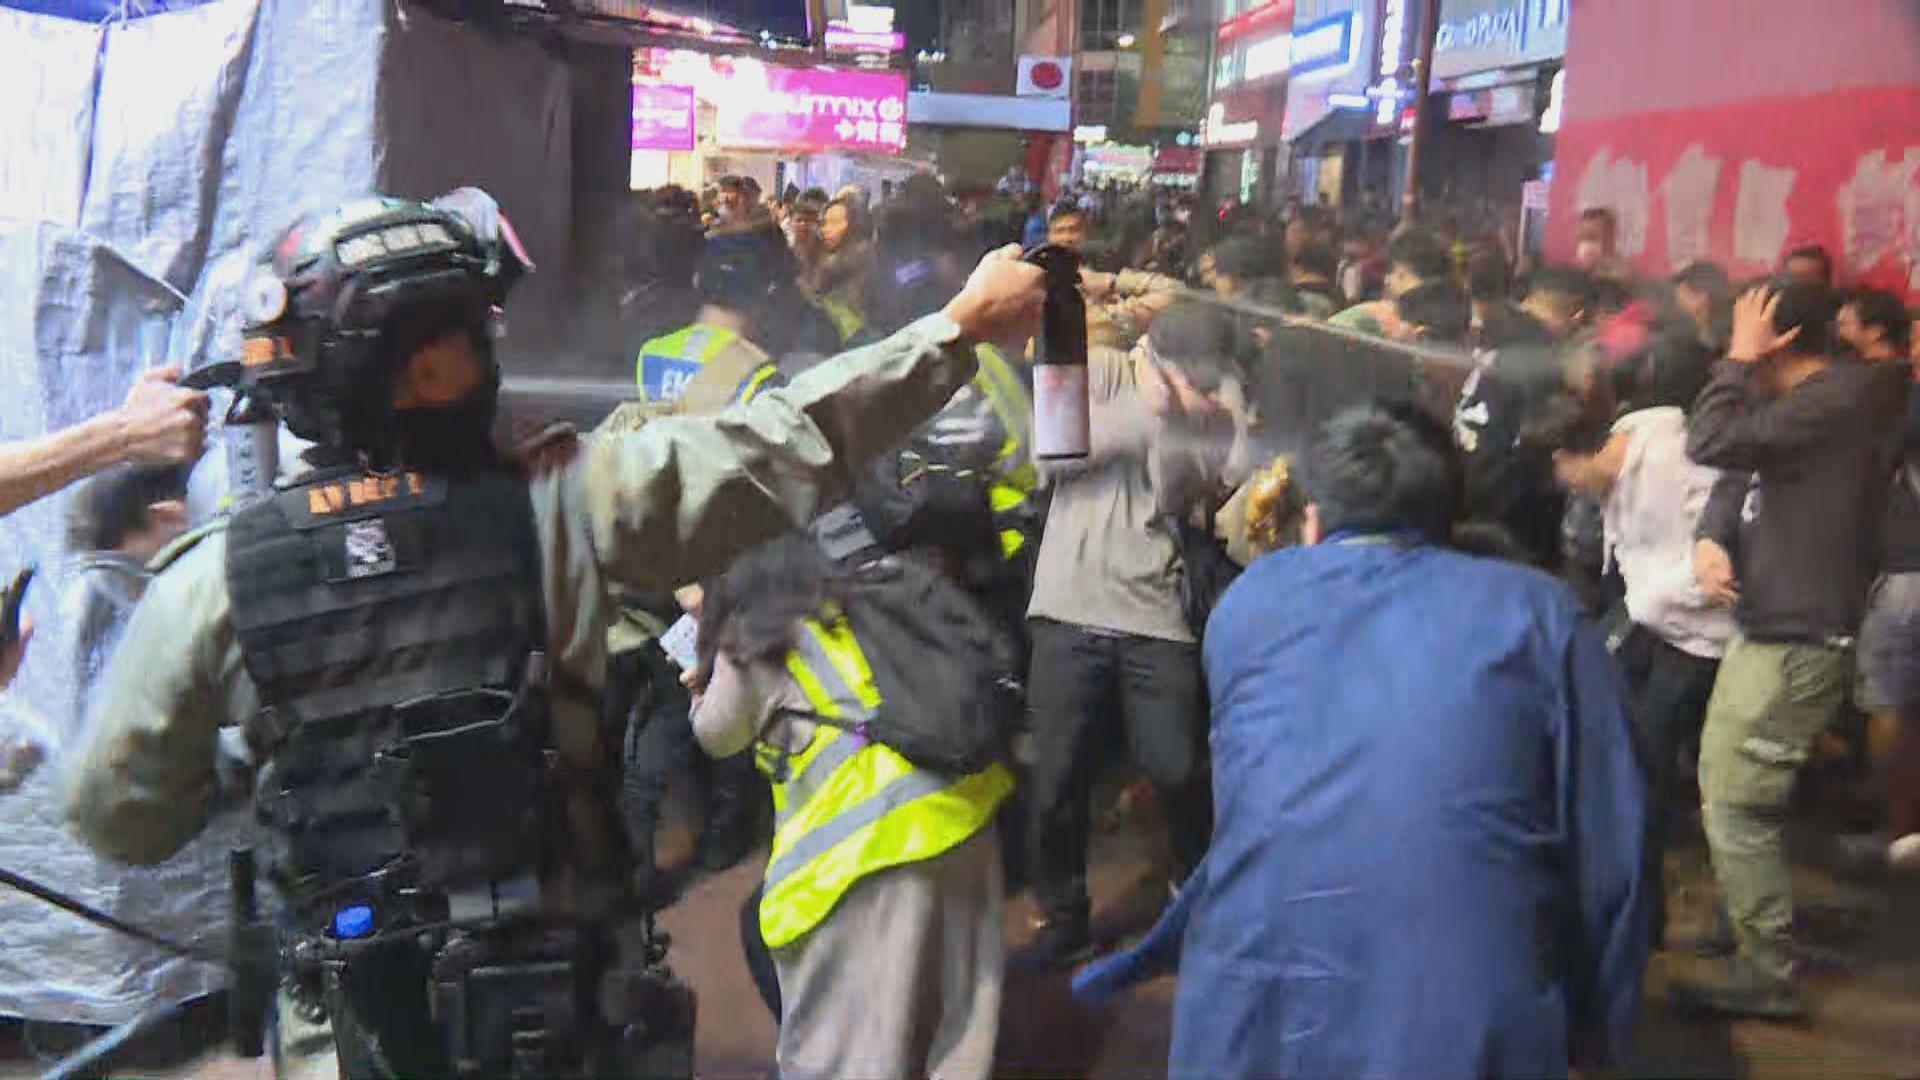 旺角晚上有人聚集 防暴警施放胡椒噴霧驅散